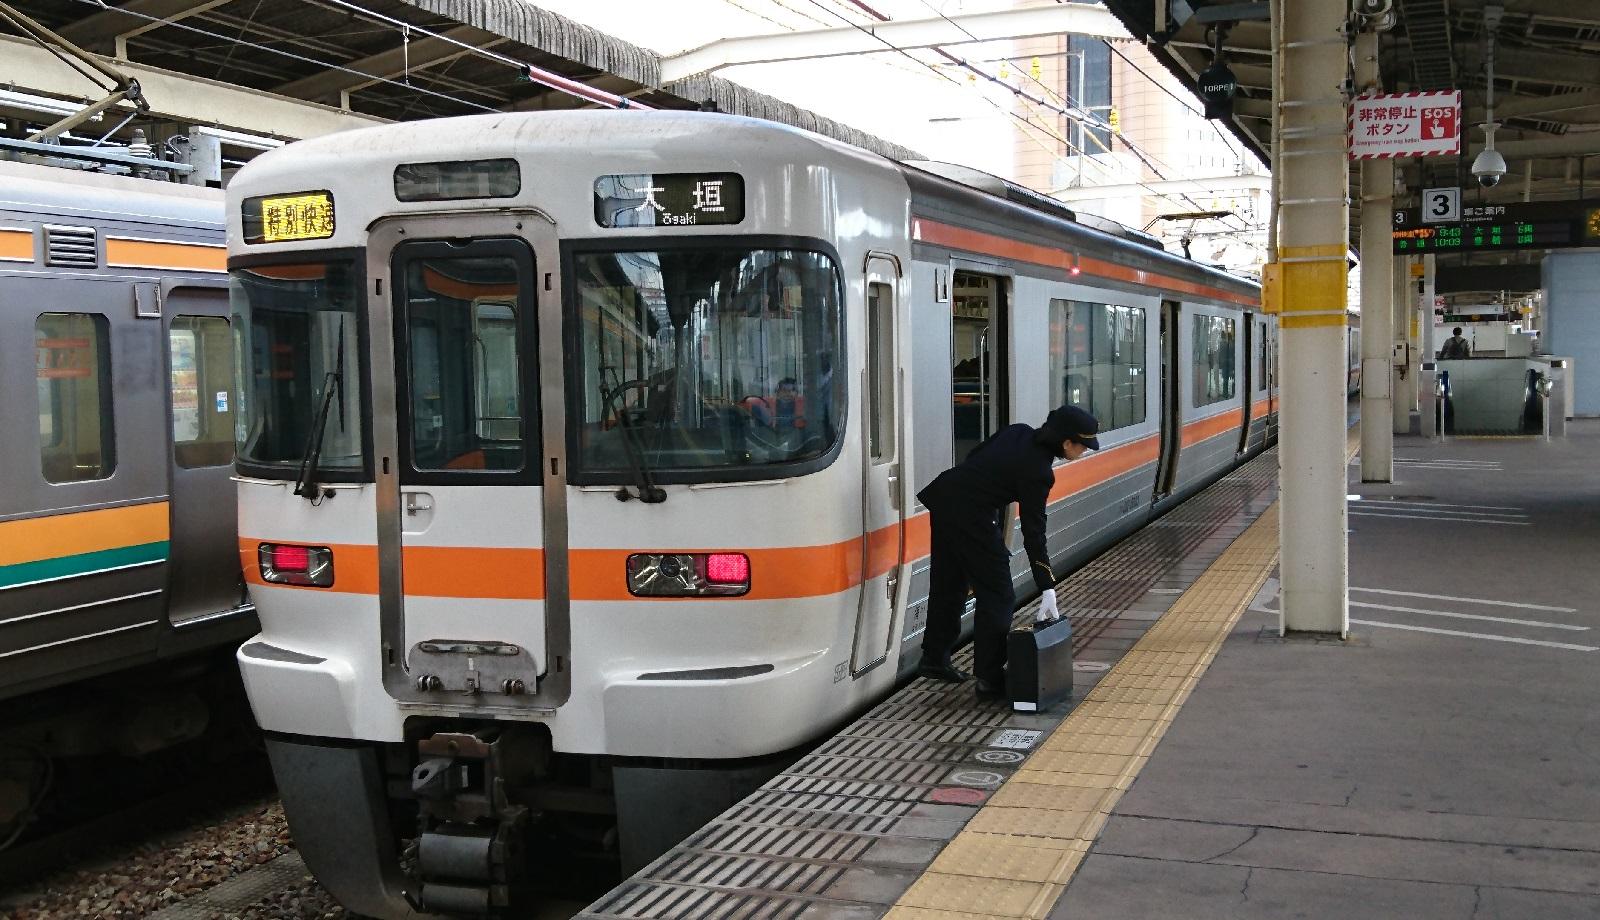 2016.12.23 井伊谷まで (19) 浜松 - 浜松いきふつう 1600-920